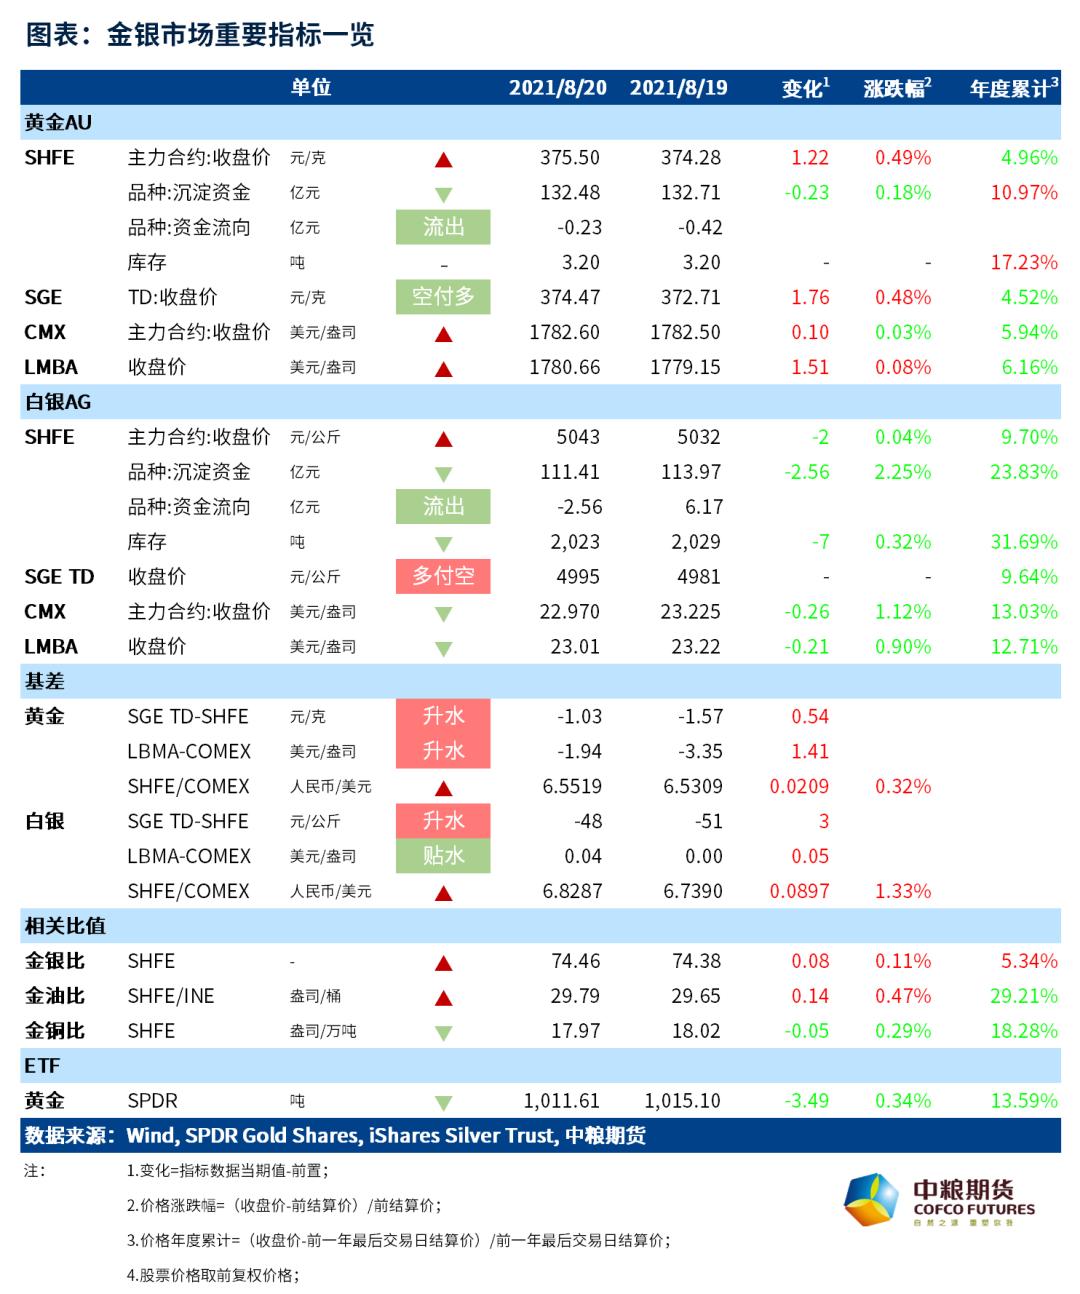 中粮期货贵金属每日跟踪:金价震荡 银价单边下跌